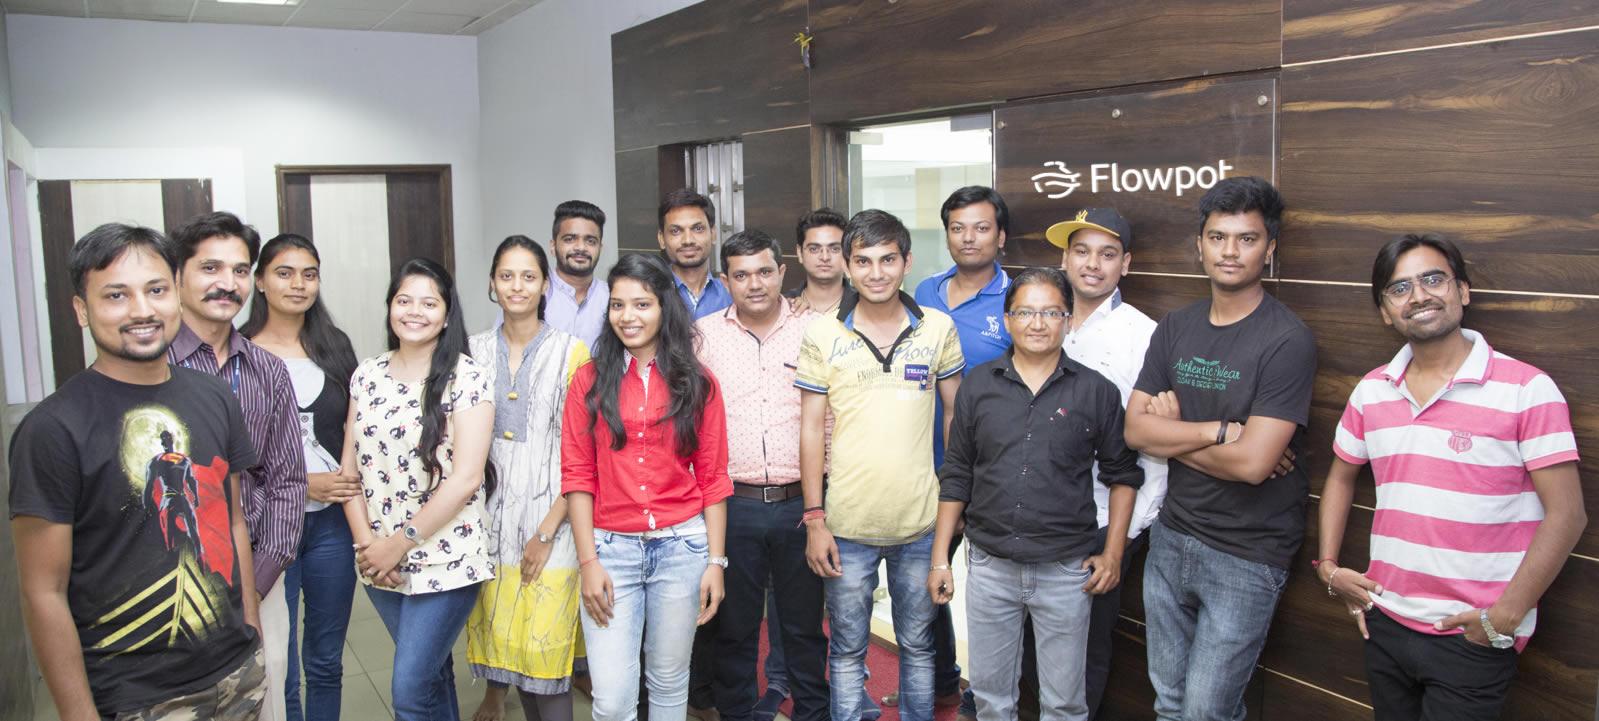 Flowpot Team